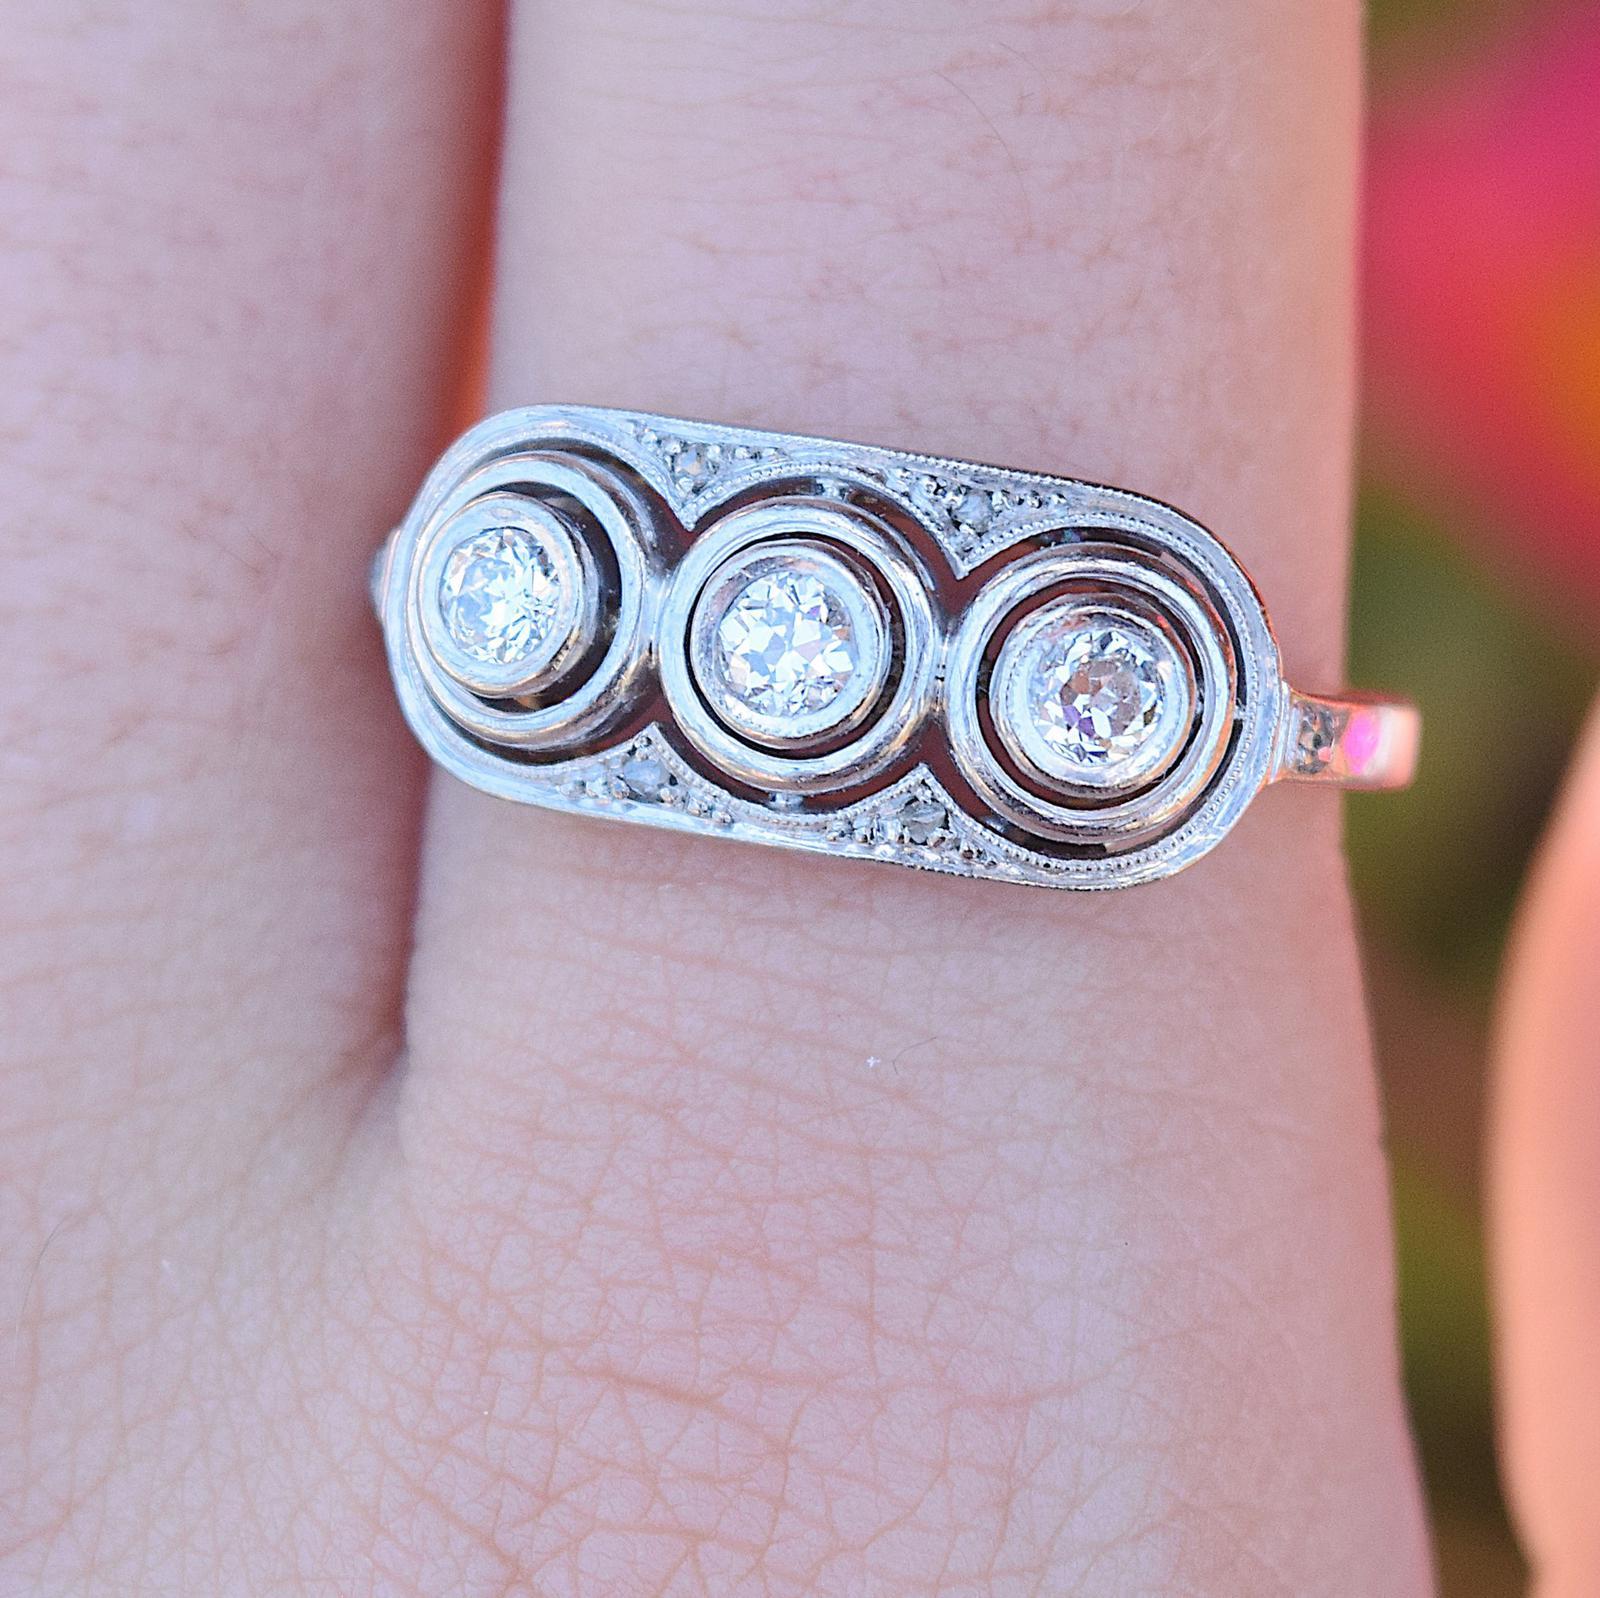 טבעת אר דקו , זהב 14k עם 3 יהלומים ועוד .